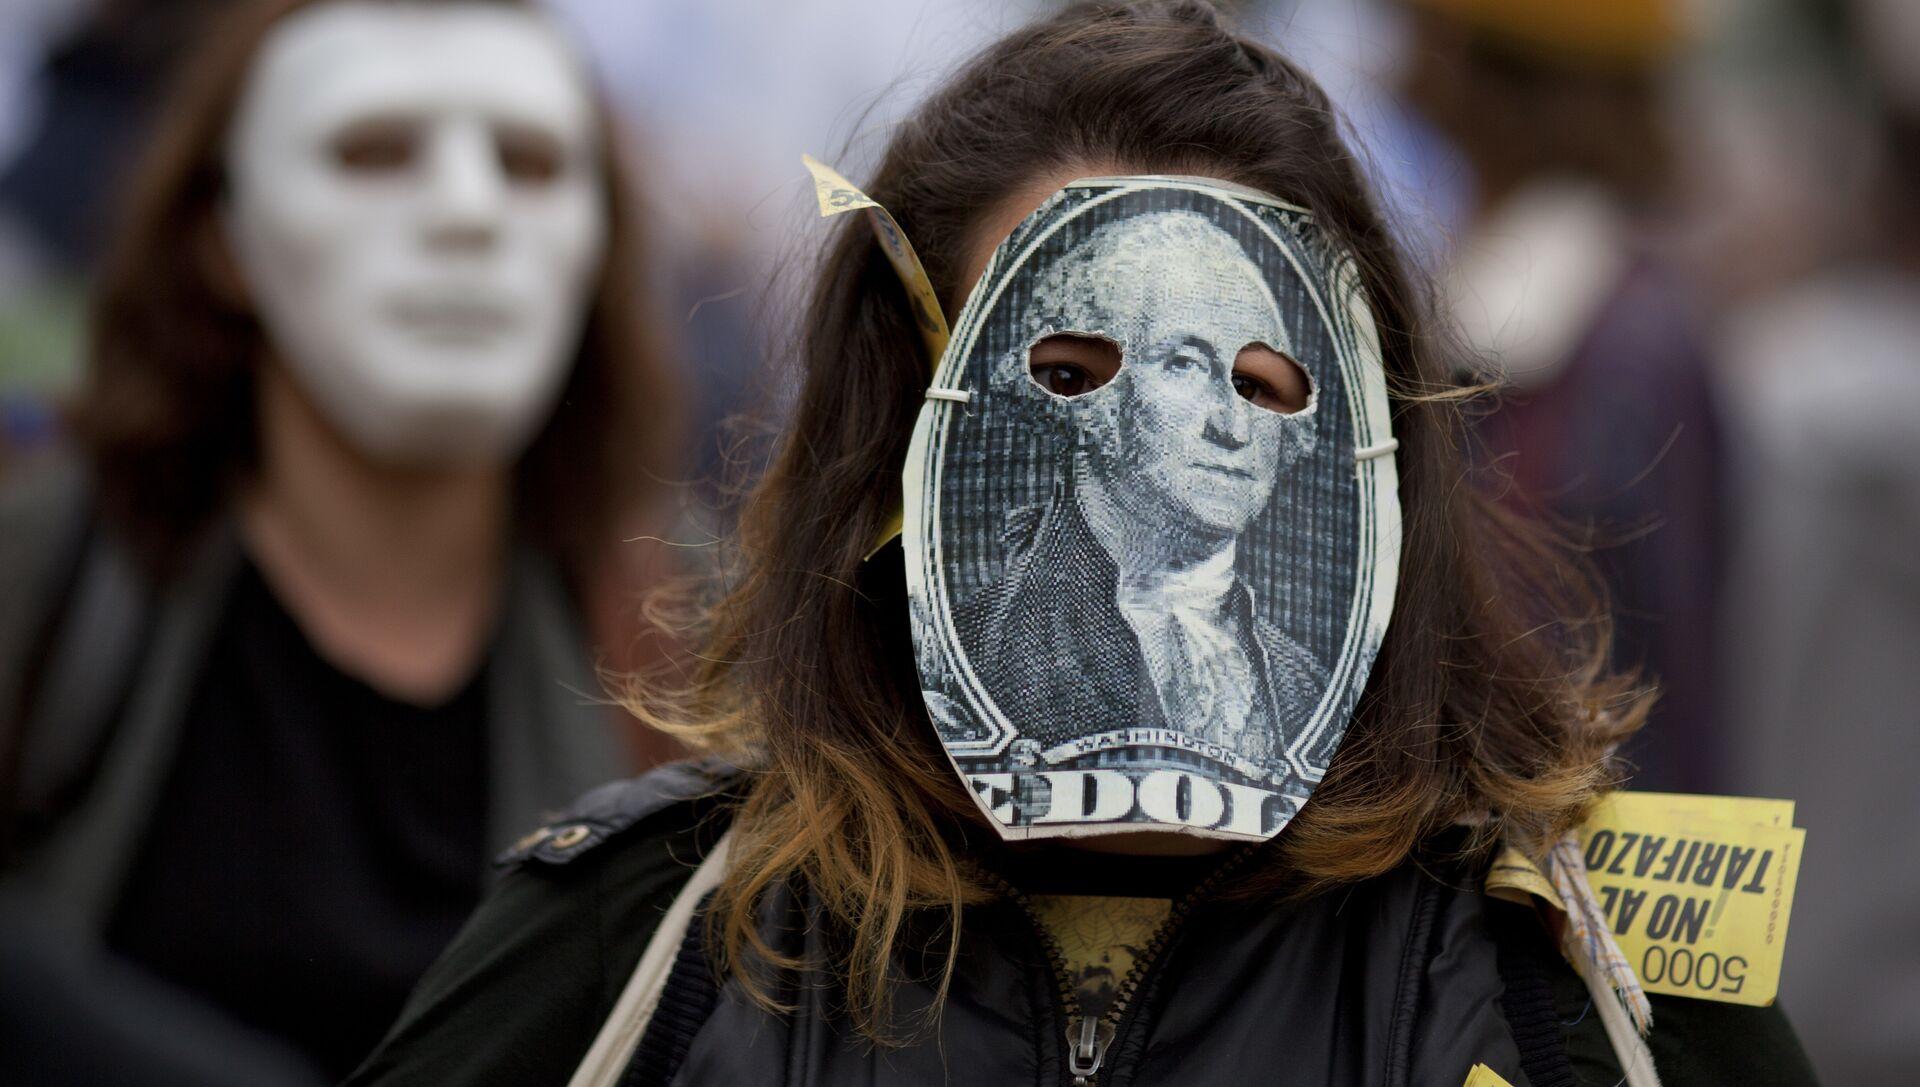 Девушка в маске, стилизованной под стодолларовую банкноту. Архивное фото - РИА Новости, 1920, 23.05.2018